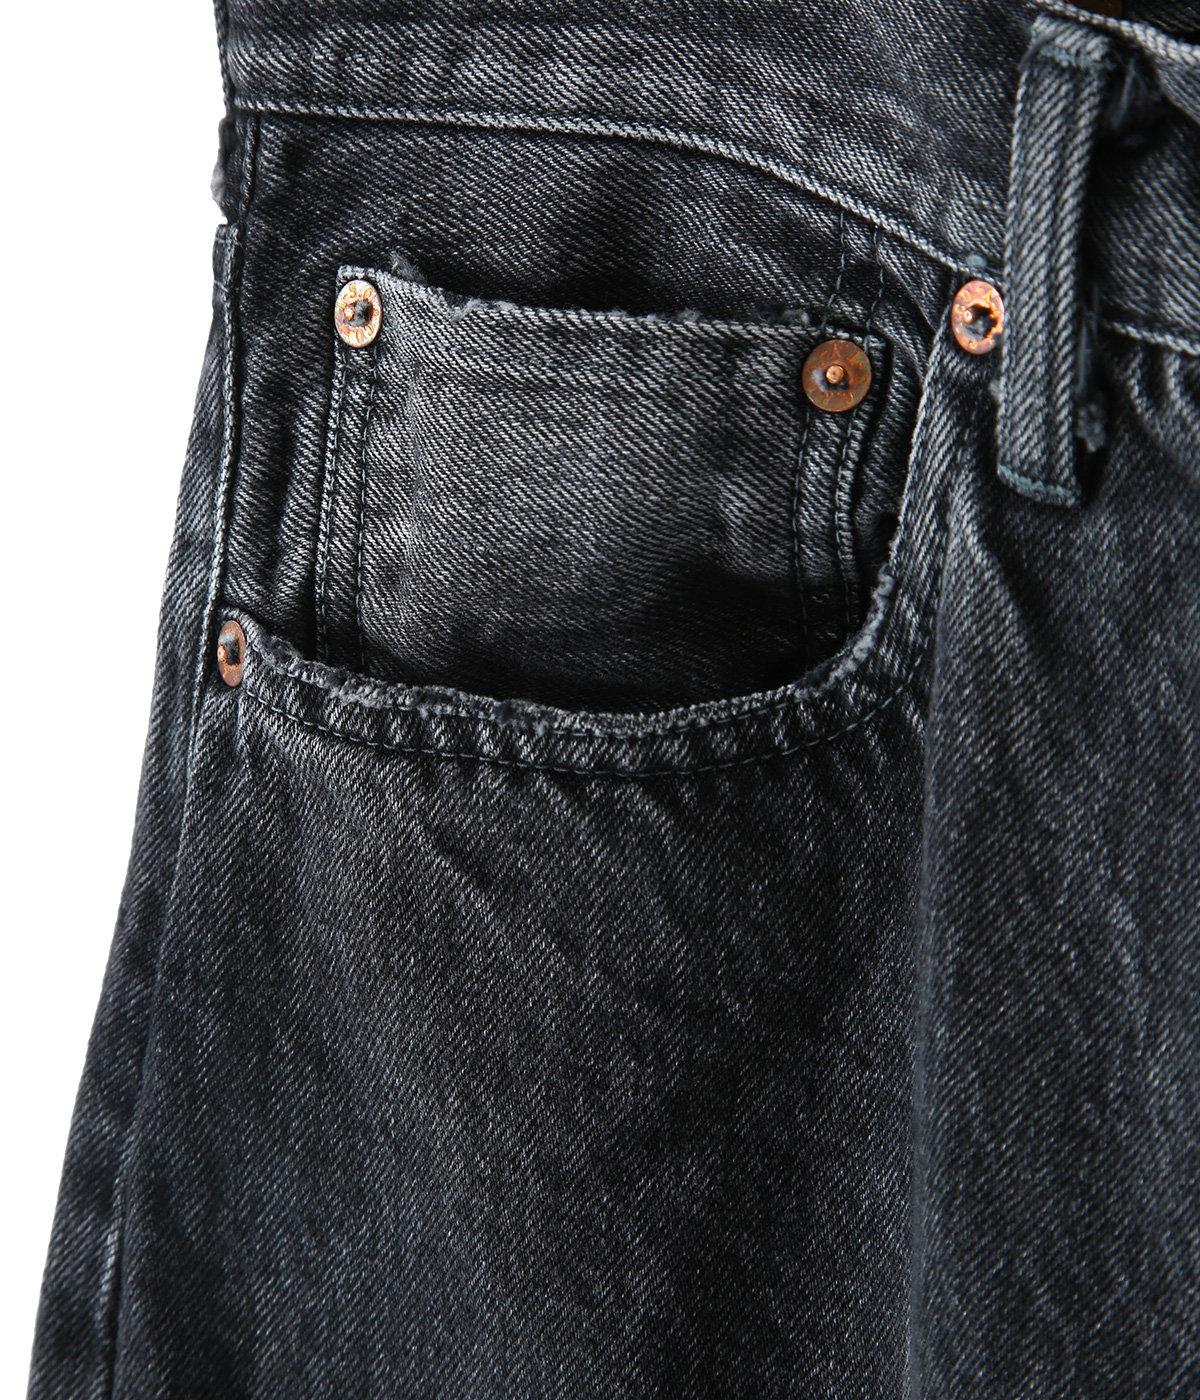 14oz. SELVEDGE DENIM 5POCKET PANTS AGING MODEL HARD WASHED